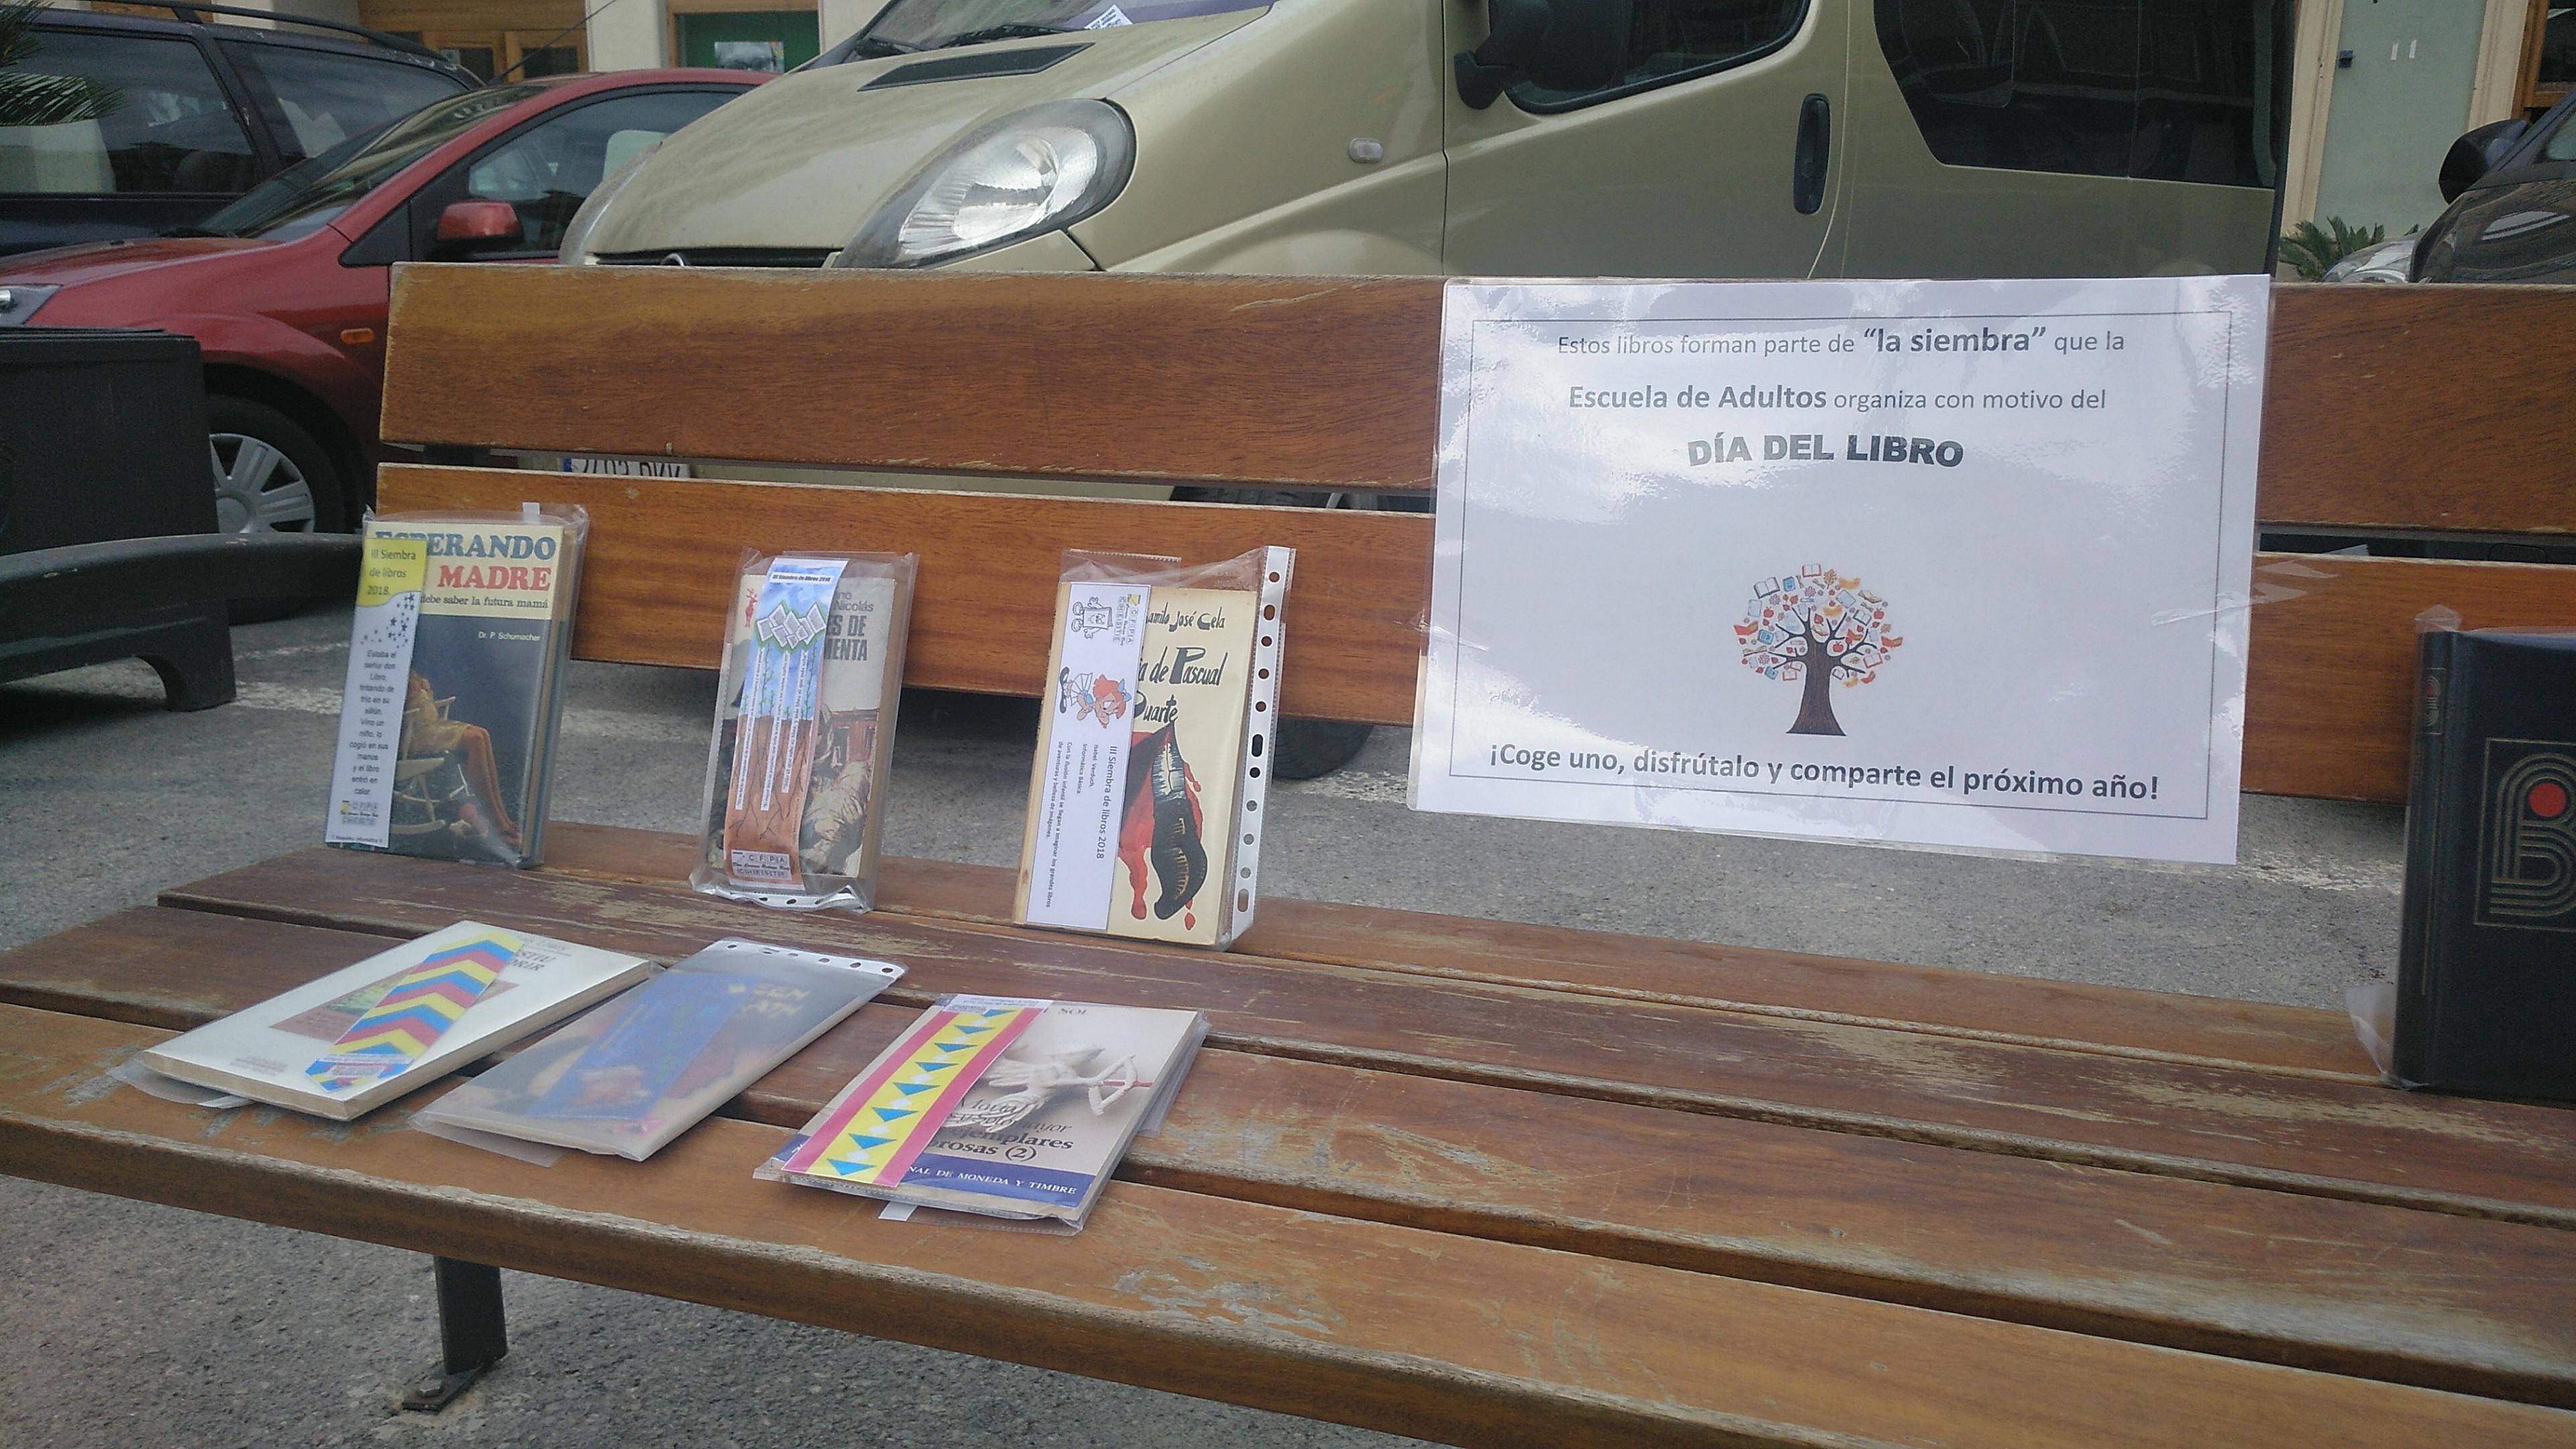 Los libros se han repartido entre marquesinas de paradas de autobús, en la estación de Renfe, en las plazas Doctor Cajal y Constitución, entre otros lugares.